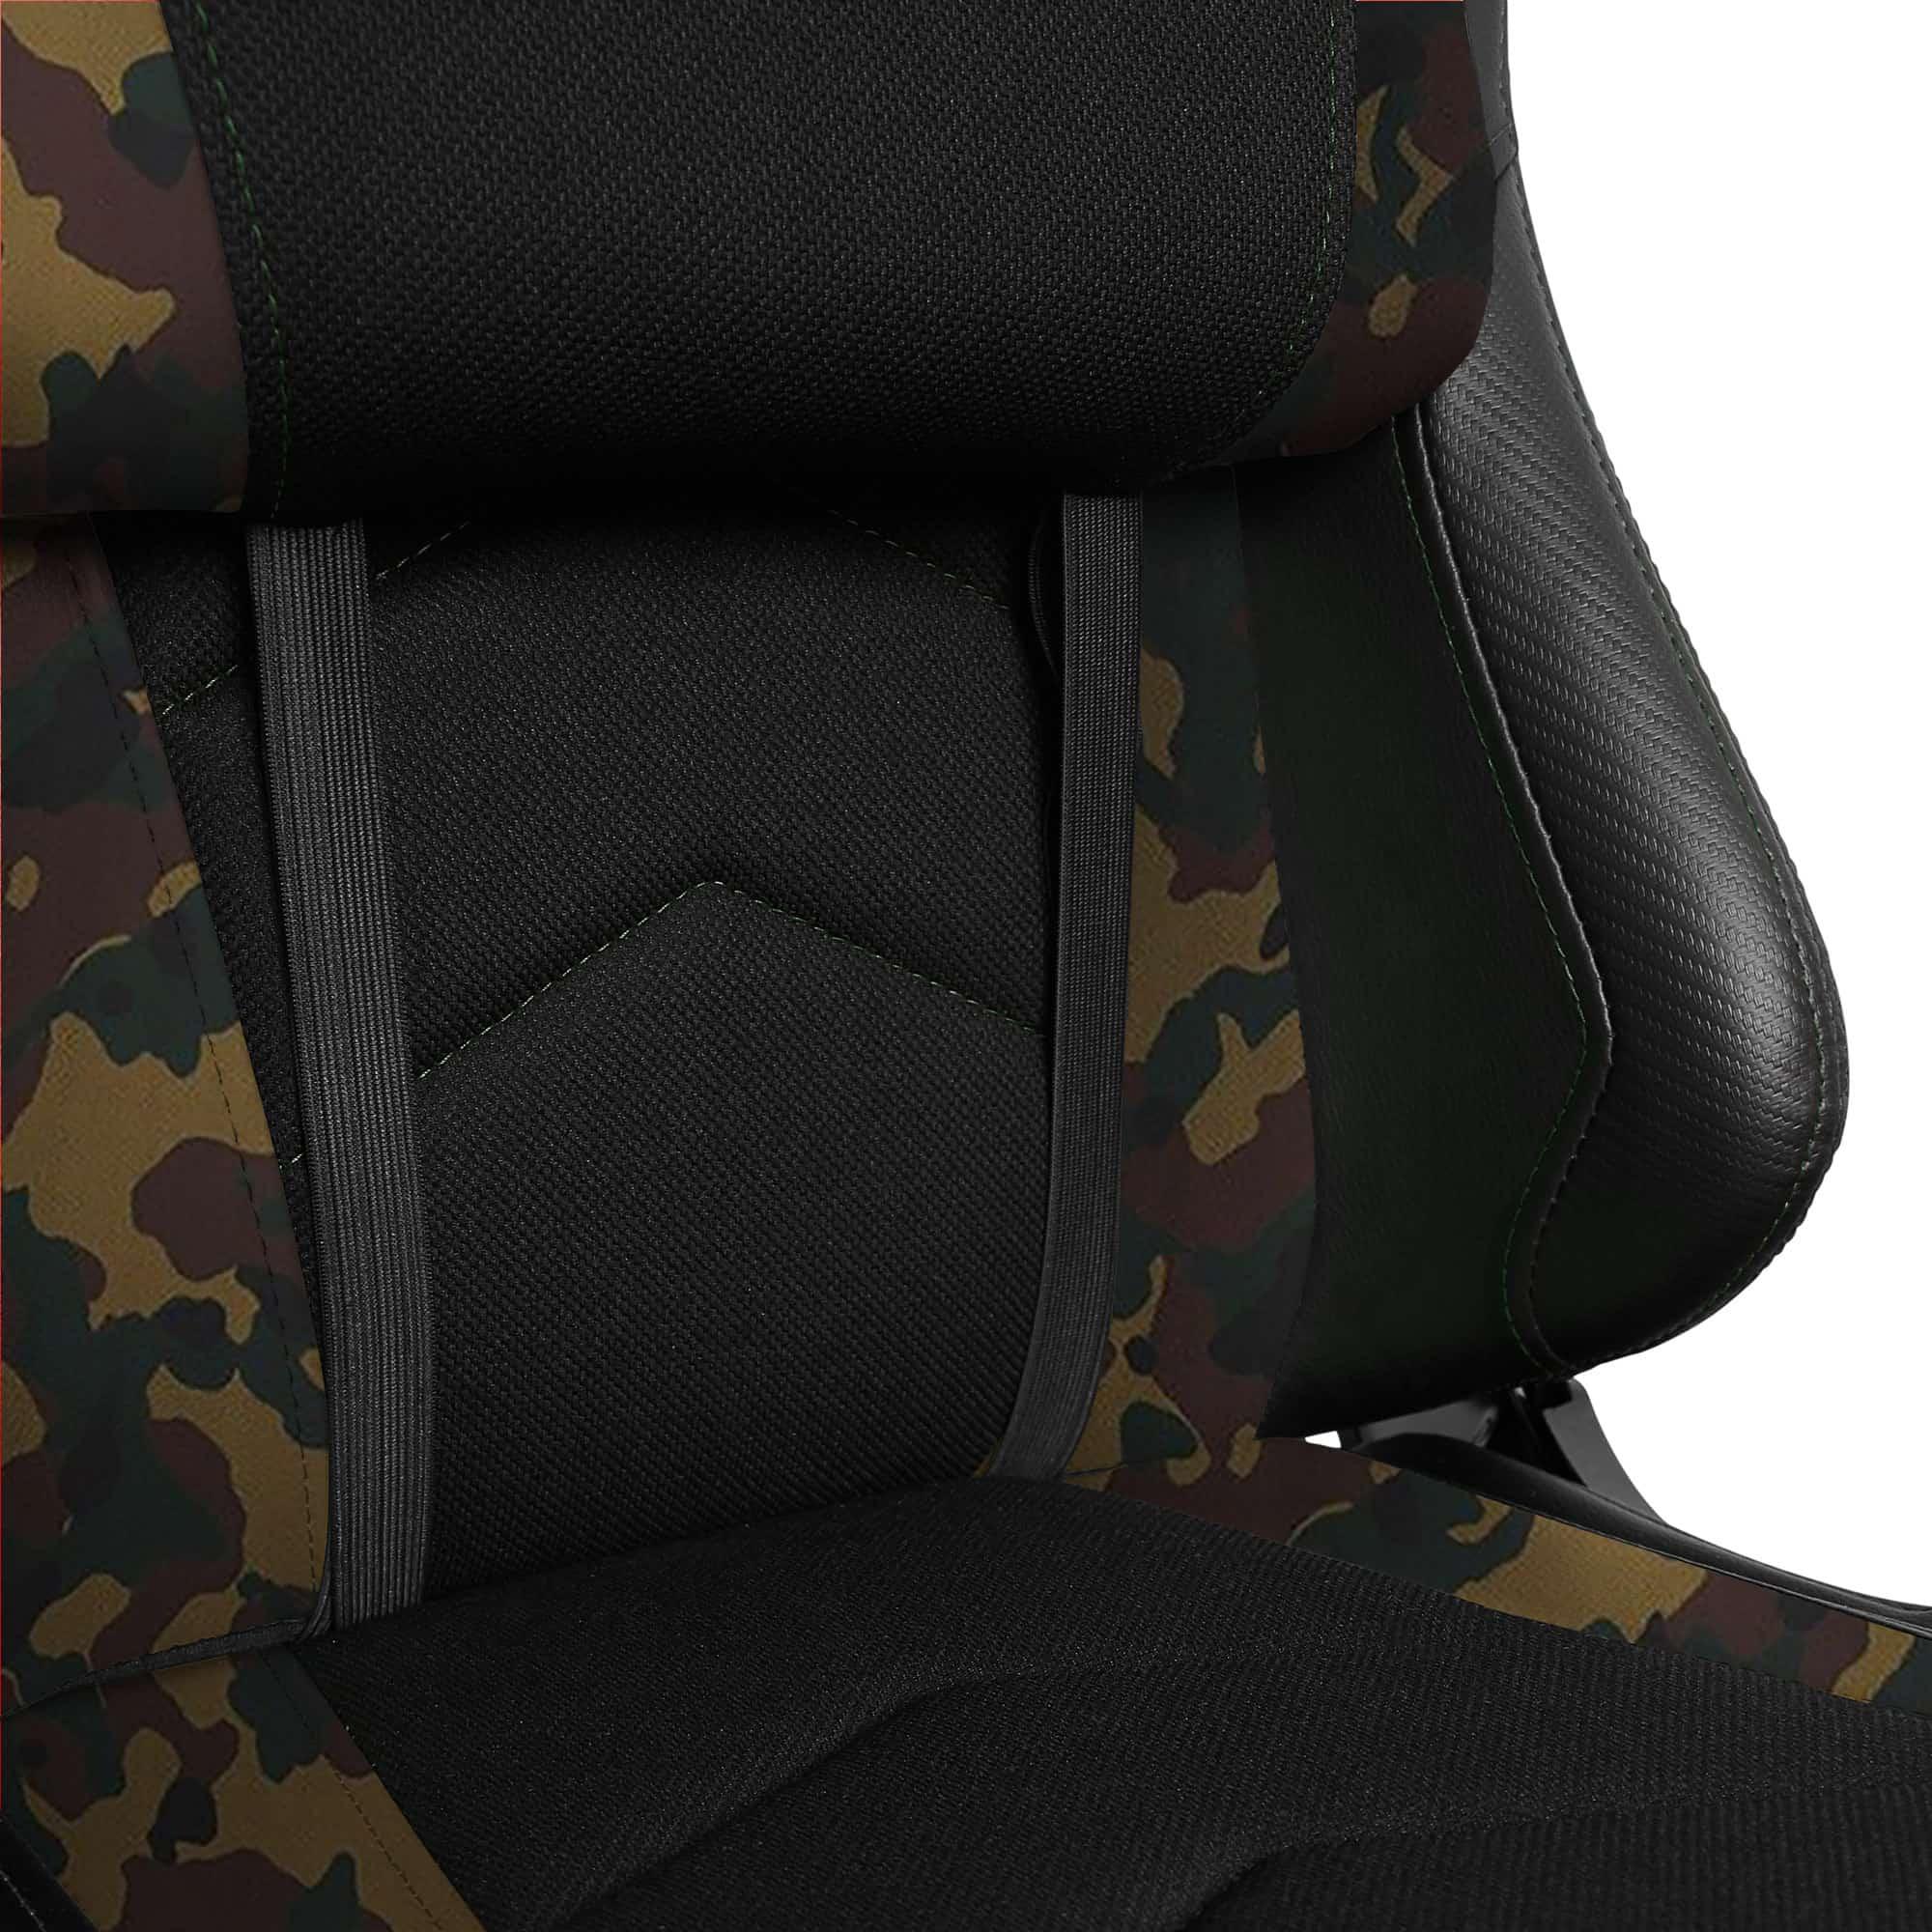 Materiałowy Fotel gamingowy Gamvis Expert Zielony Camo 8